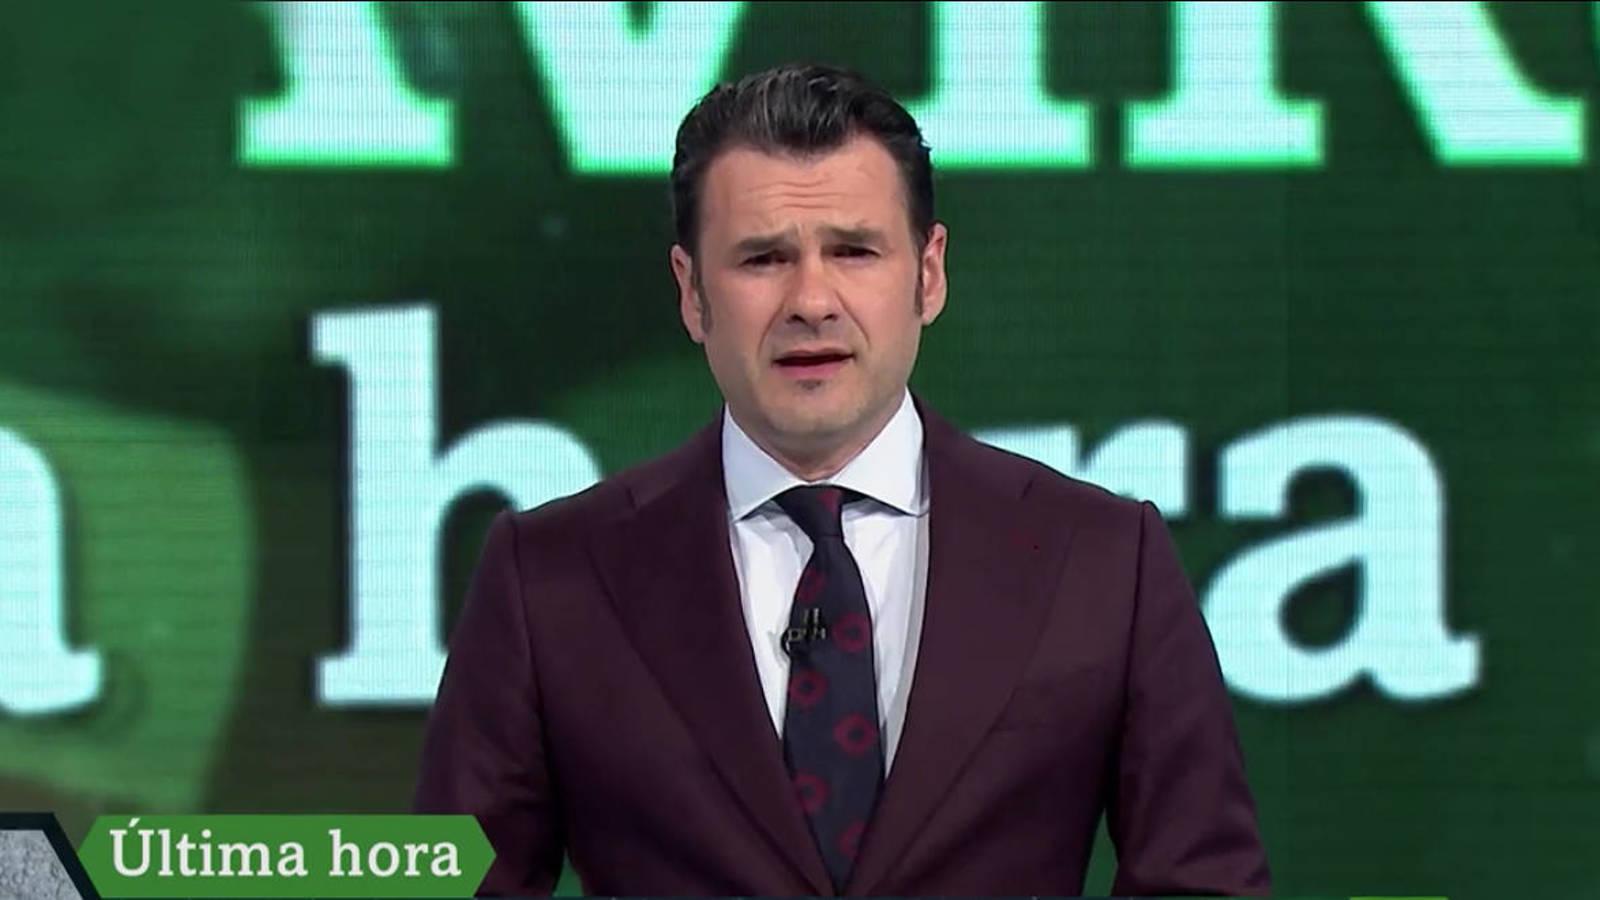 El autozasca de Iñaki López: en un mes pasa de criticar la histeria por el coronavirus a contagiarse de la misma